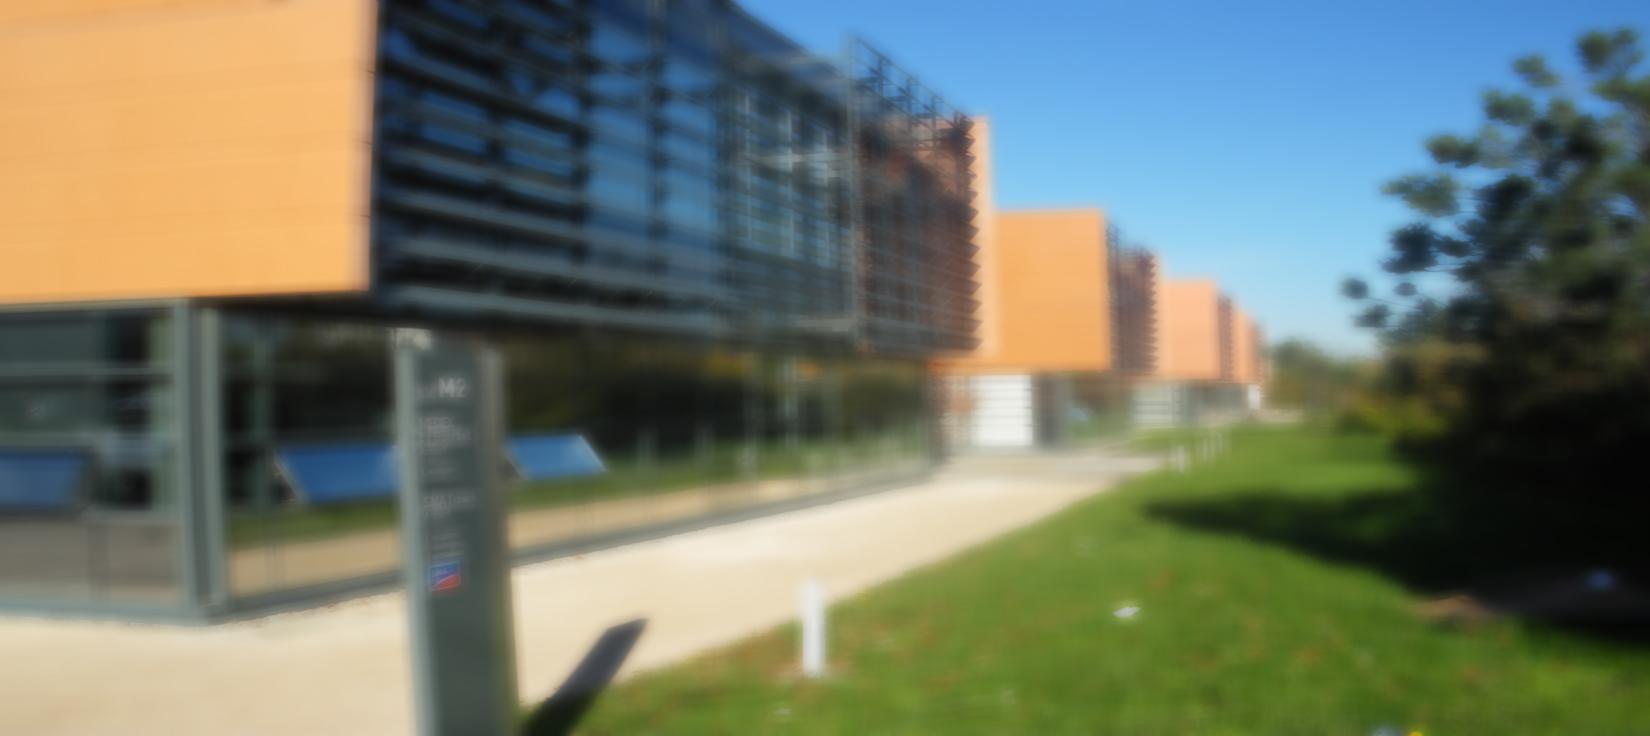 image représentant des immeubles de bureaux